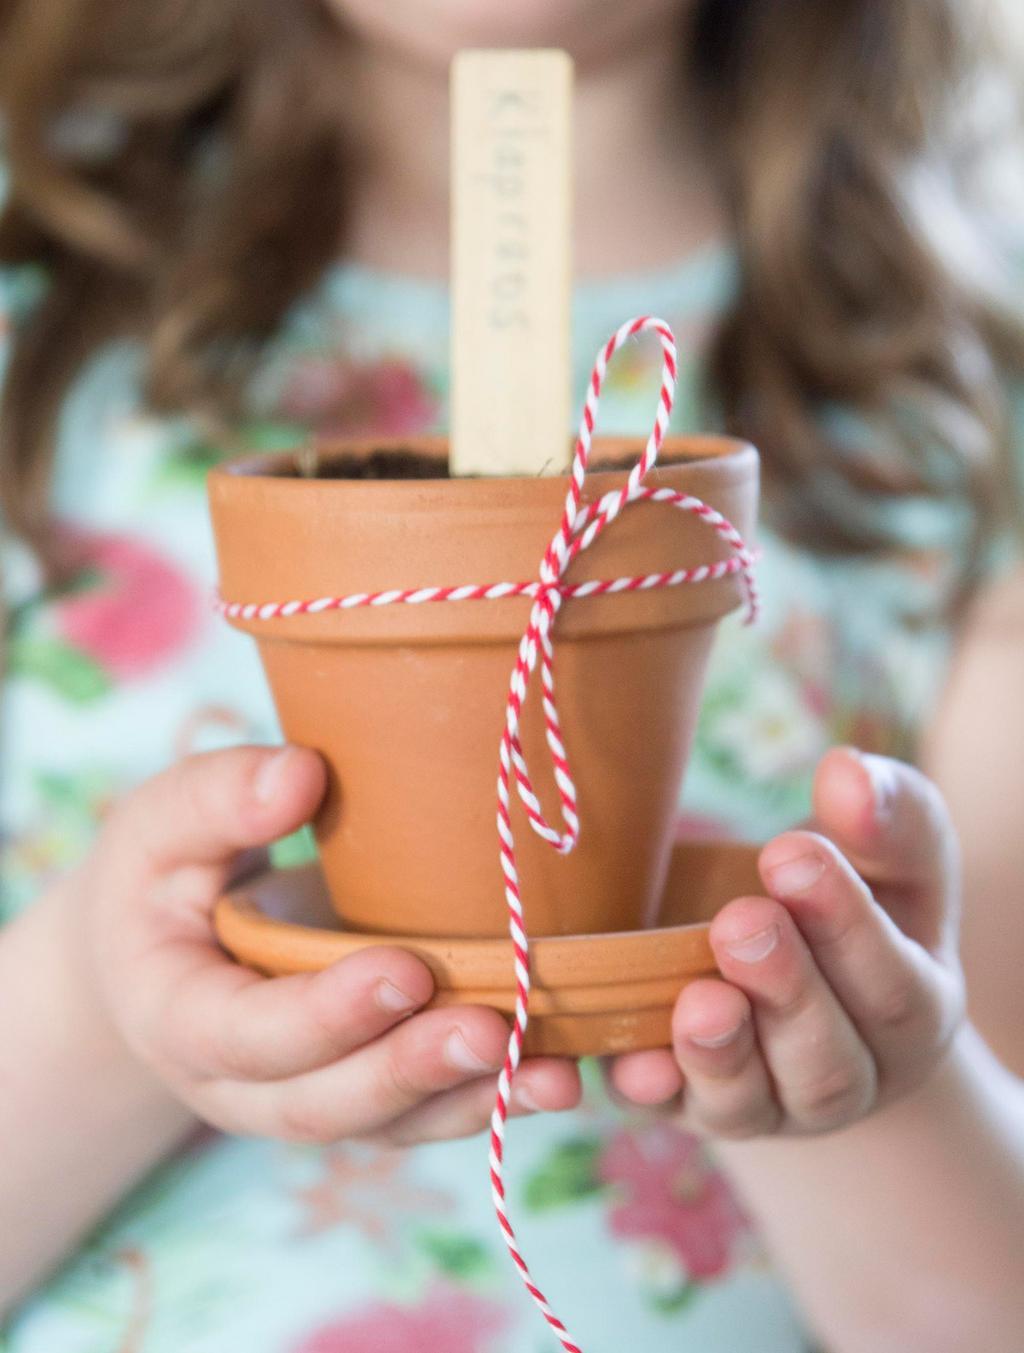 Terracotta bloempot met klaproos zaden